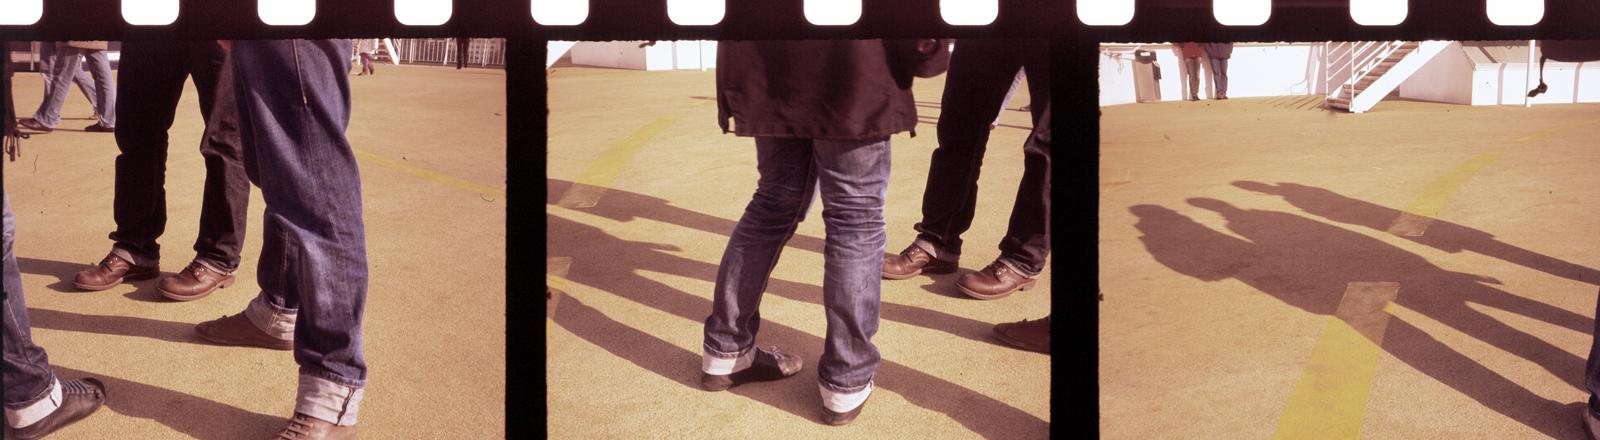 Die Beine von Männern.